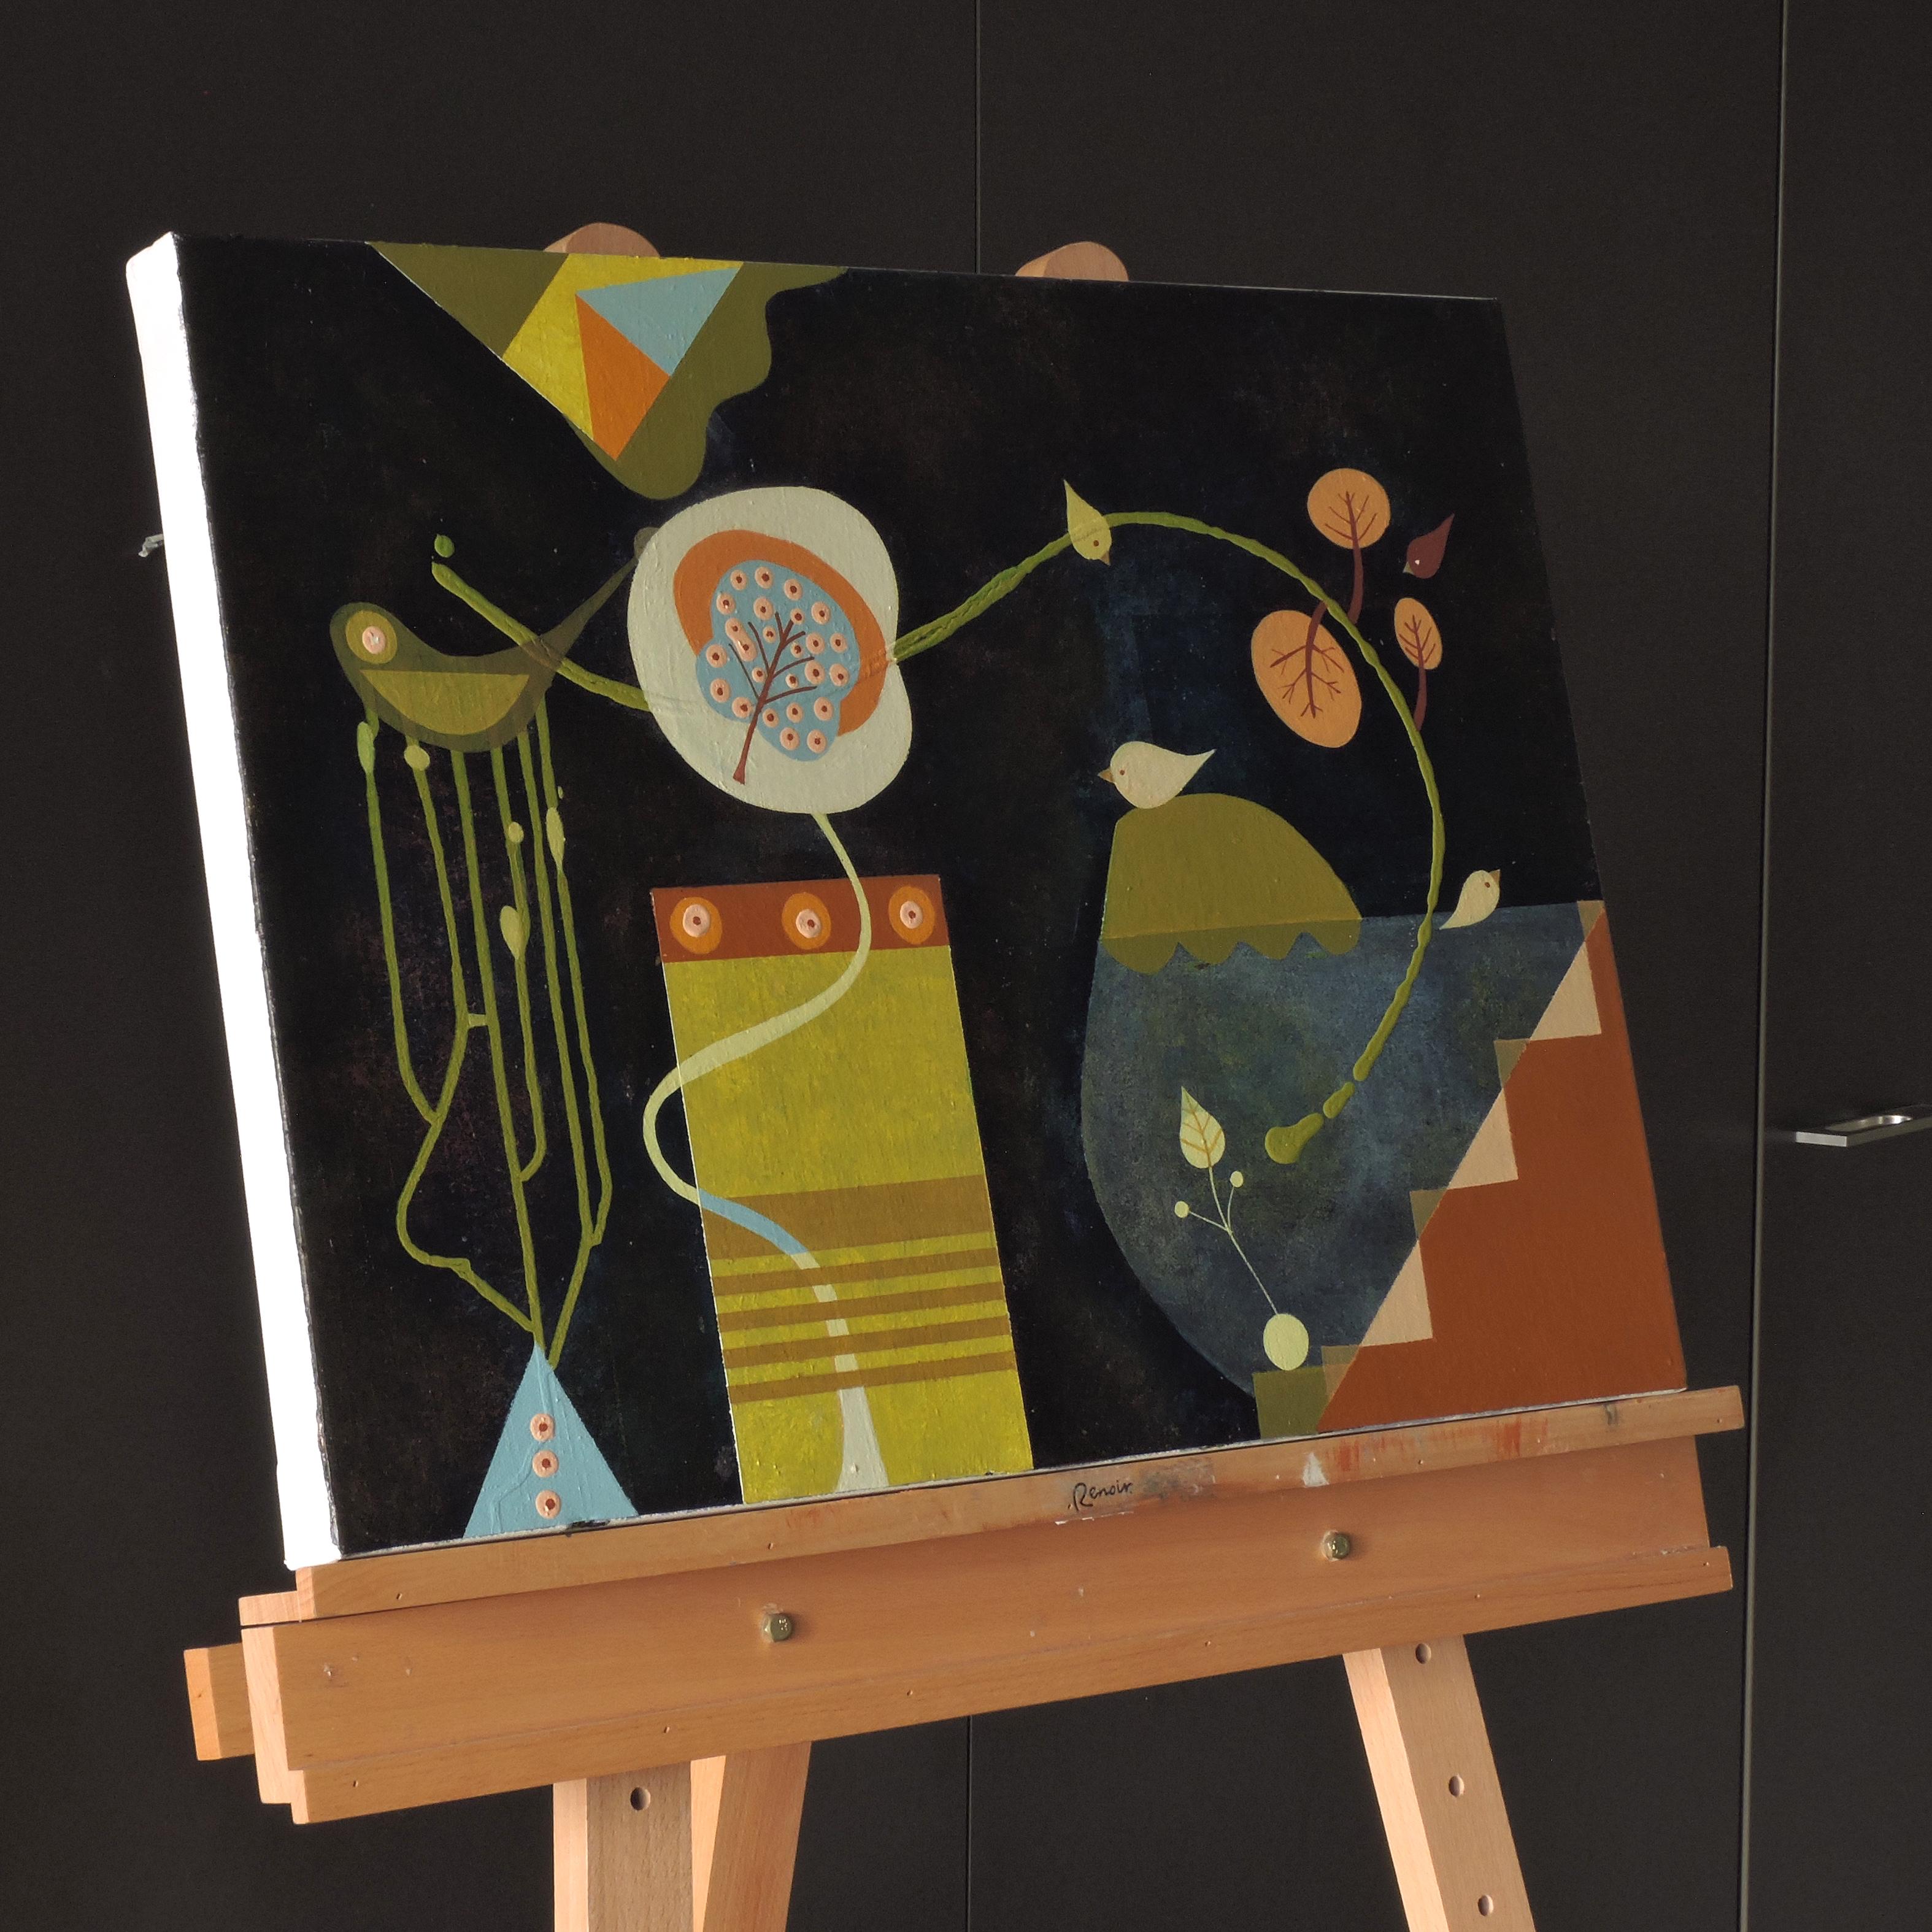 S217 In-context View (Studio)